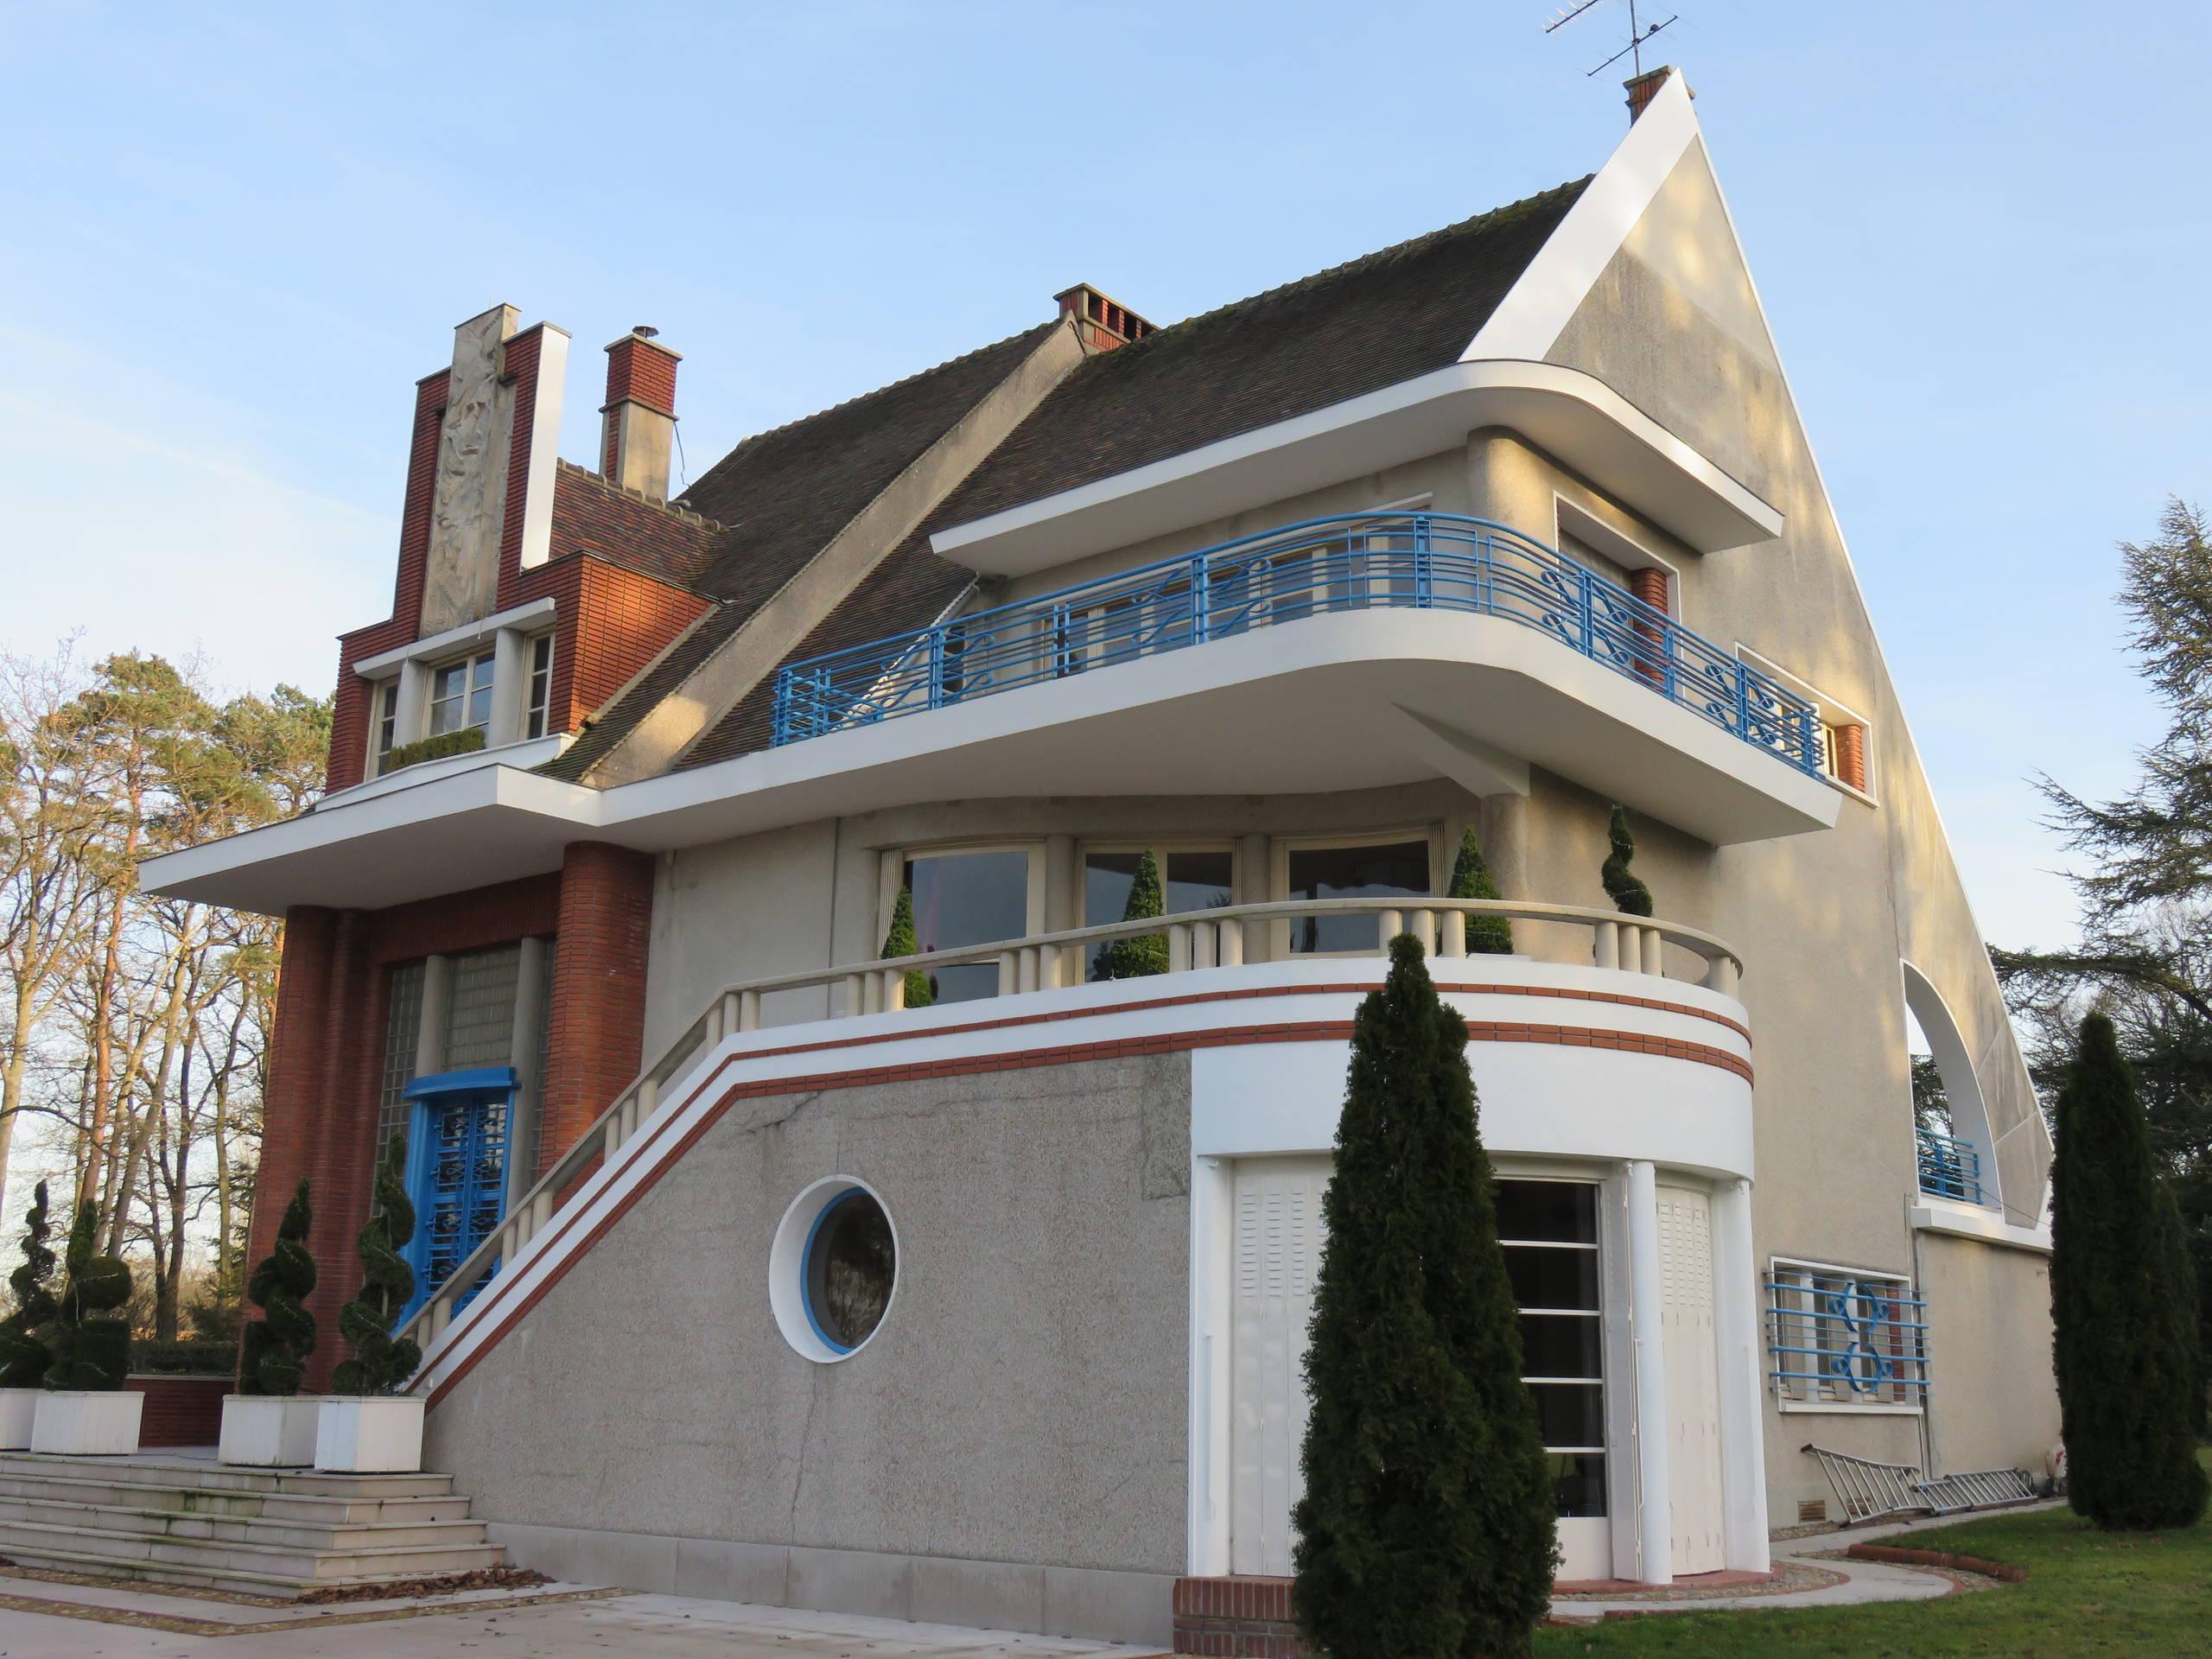 Maison Art Déco - architecte Pierre Petit